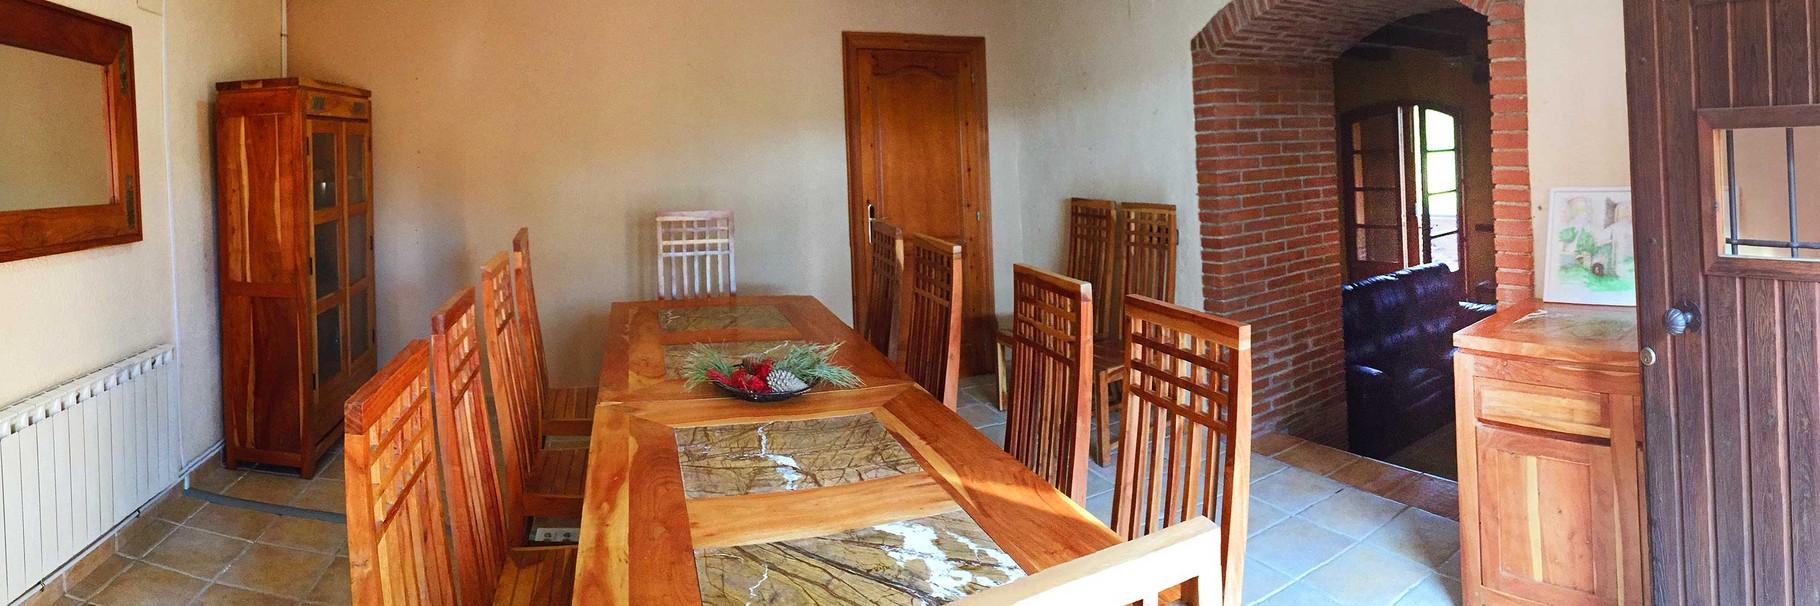 Ampli menjador comunicat per un arc amb el saló